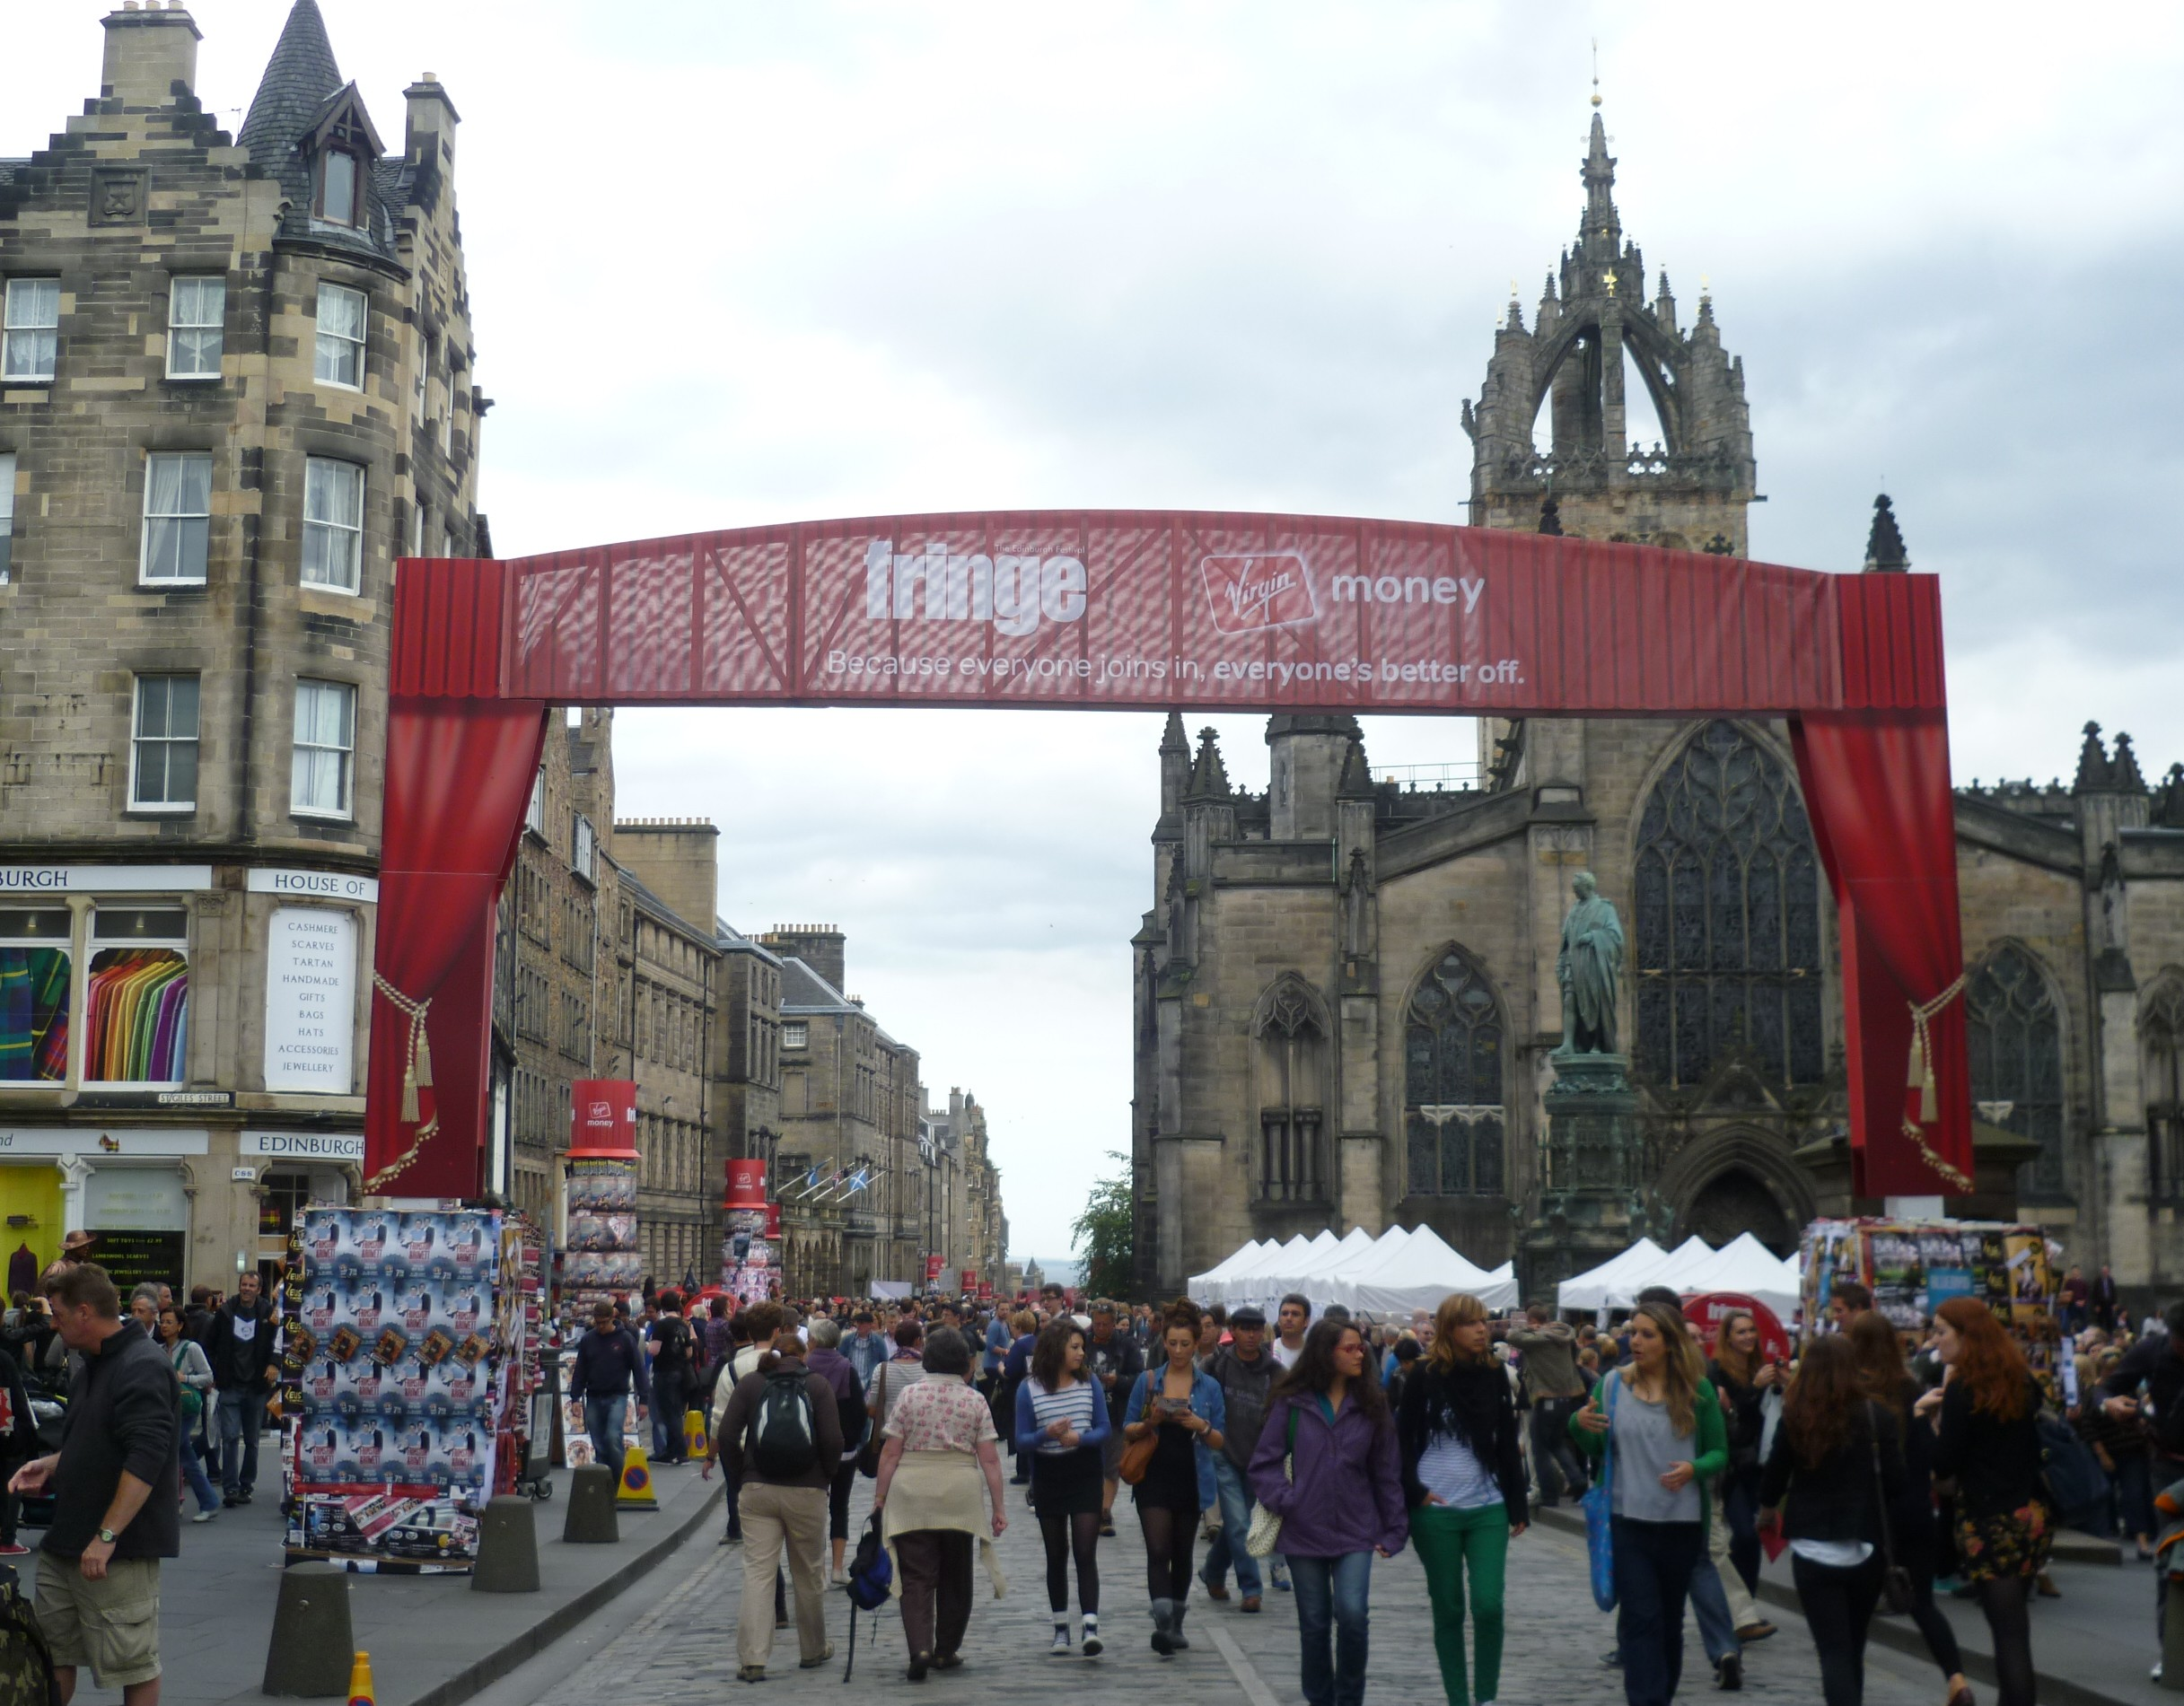 Festival D Art De Rue B Ef Bf Bdn Ef Bf Bdfice Ville